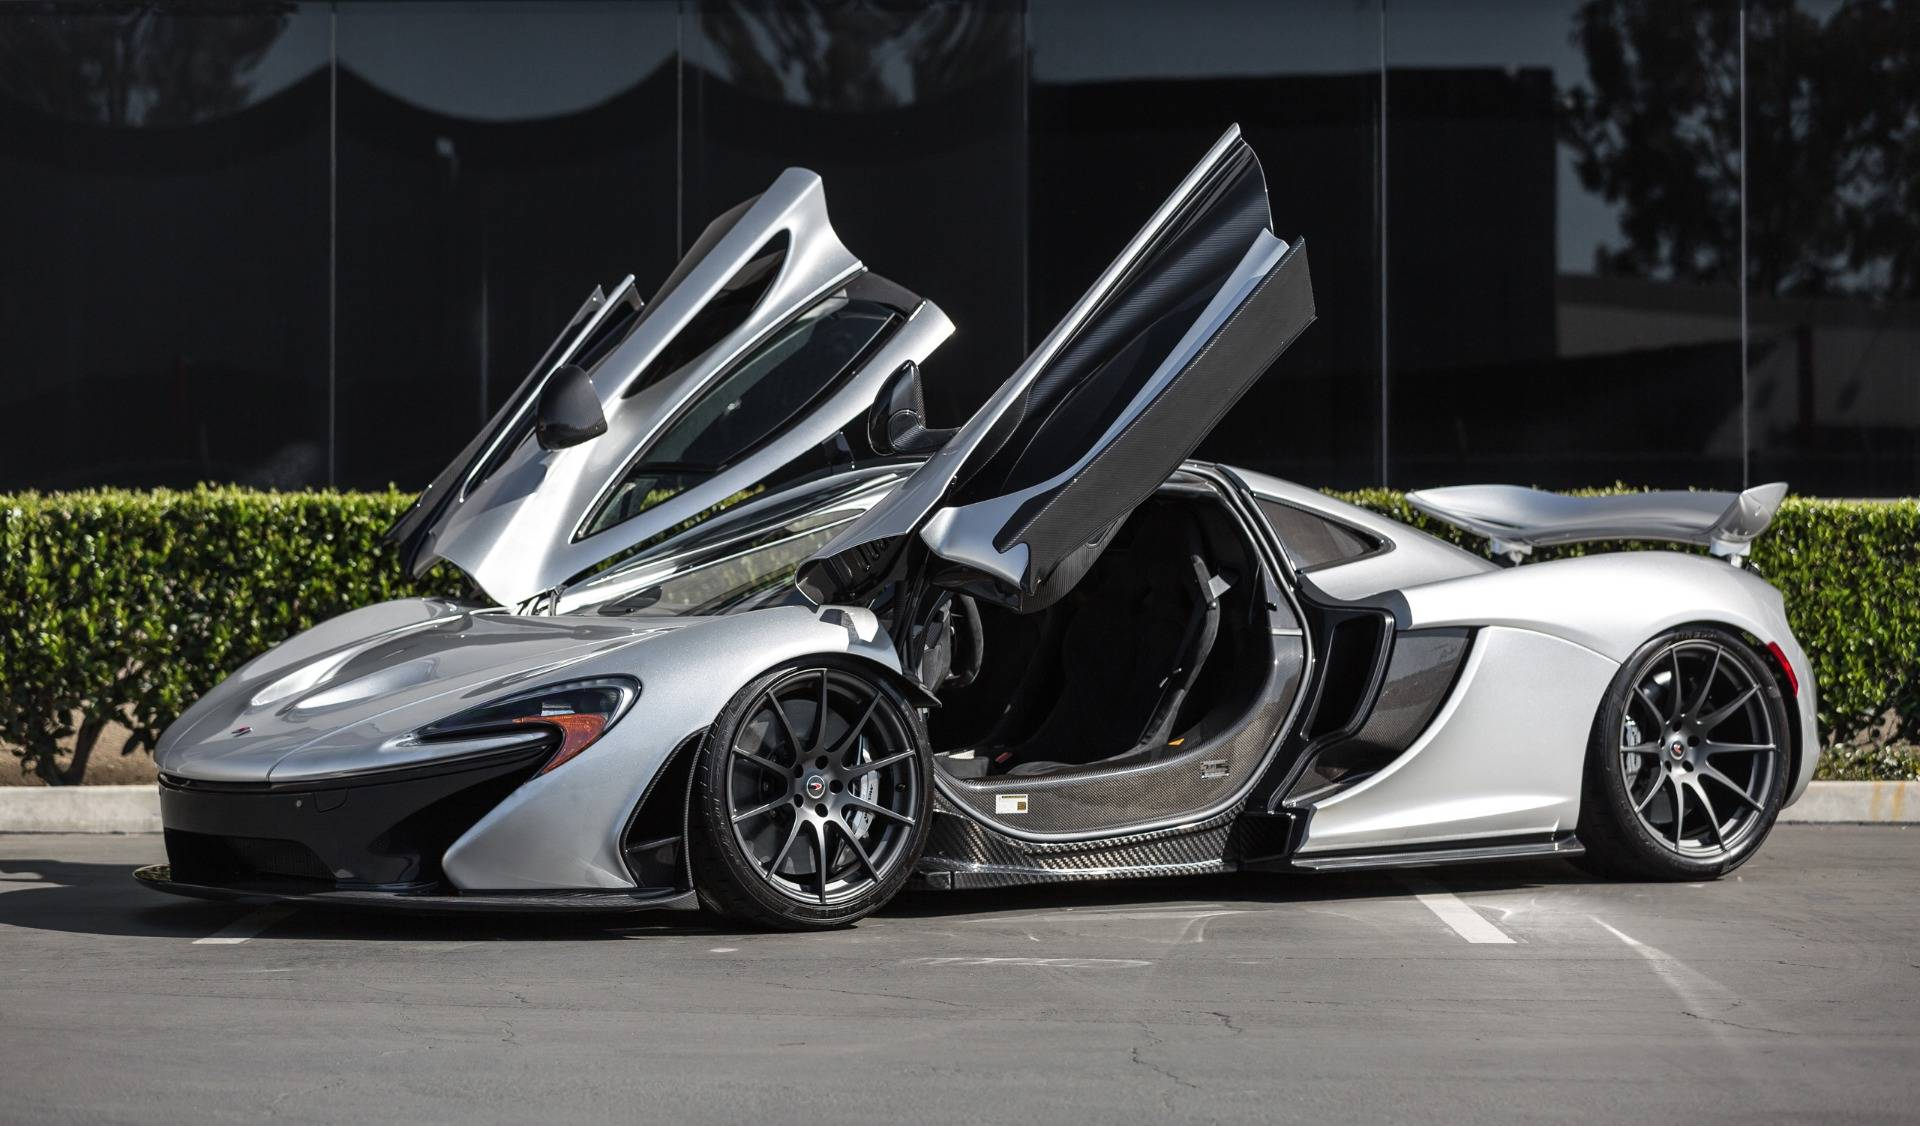 Lamborghini Veneno For Sale >> Supernova Silver McLaren P1 for Sale in the US at ...